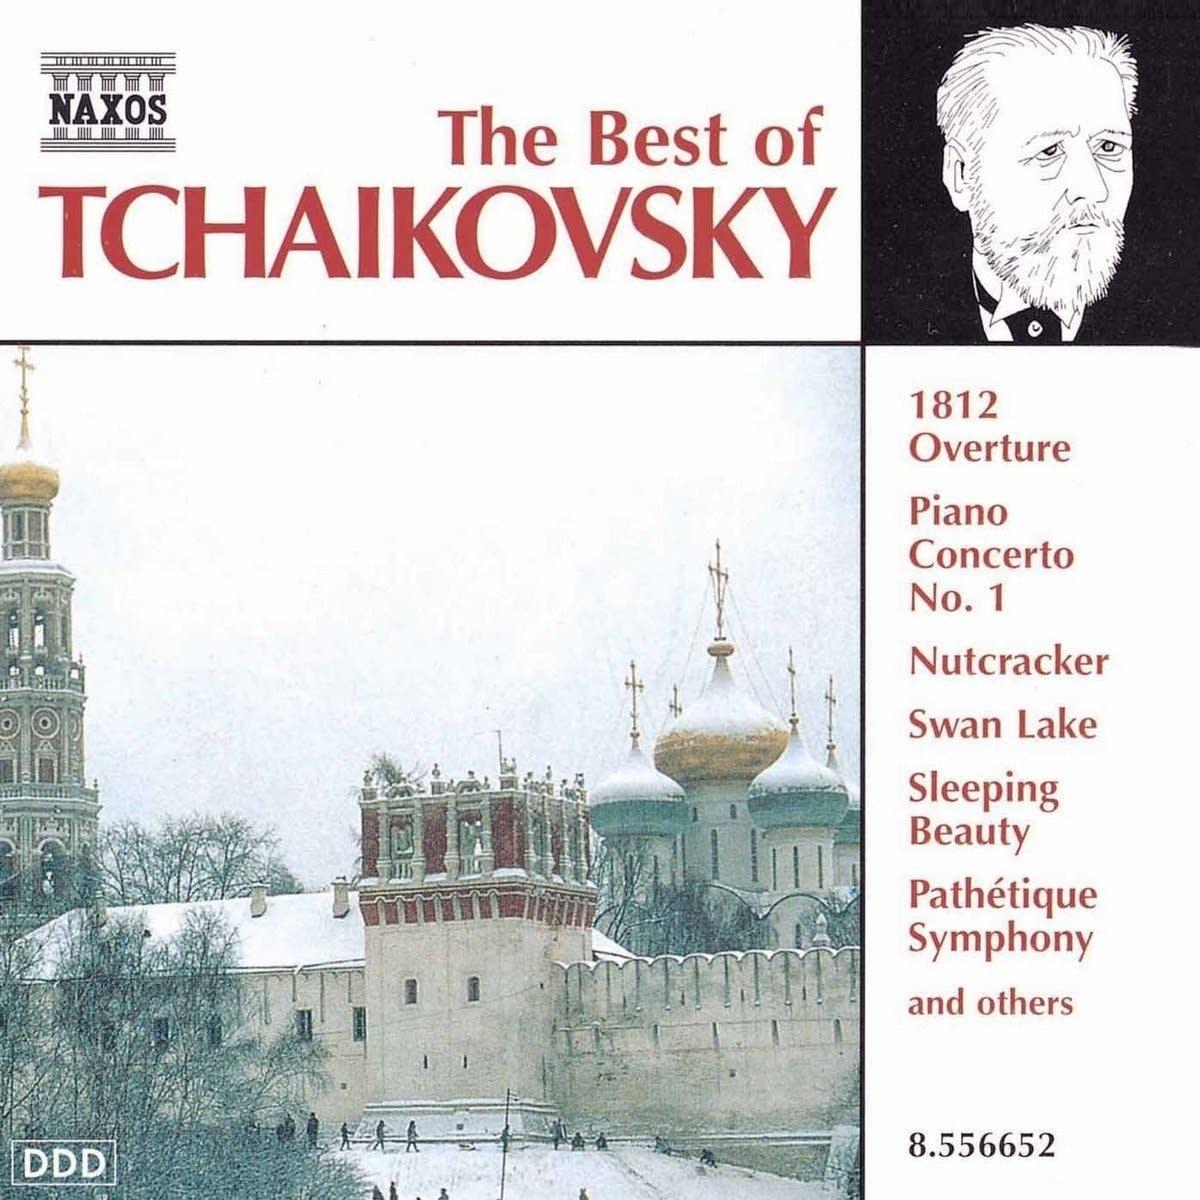 https://img.apmcdn.org/196b0641c54dd0e9aaf93f7d1466bafbf5a0029a/square/647924-20160818-peter-tchaikovsky-eugene-onegin-polonaise.jpg